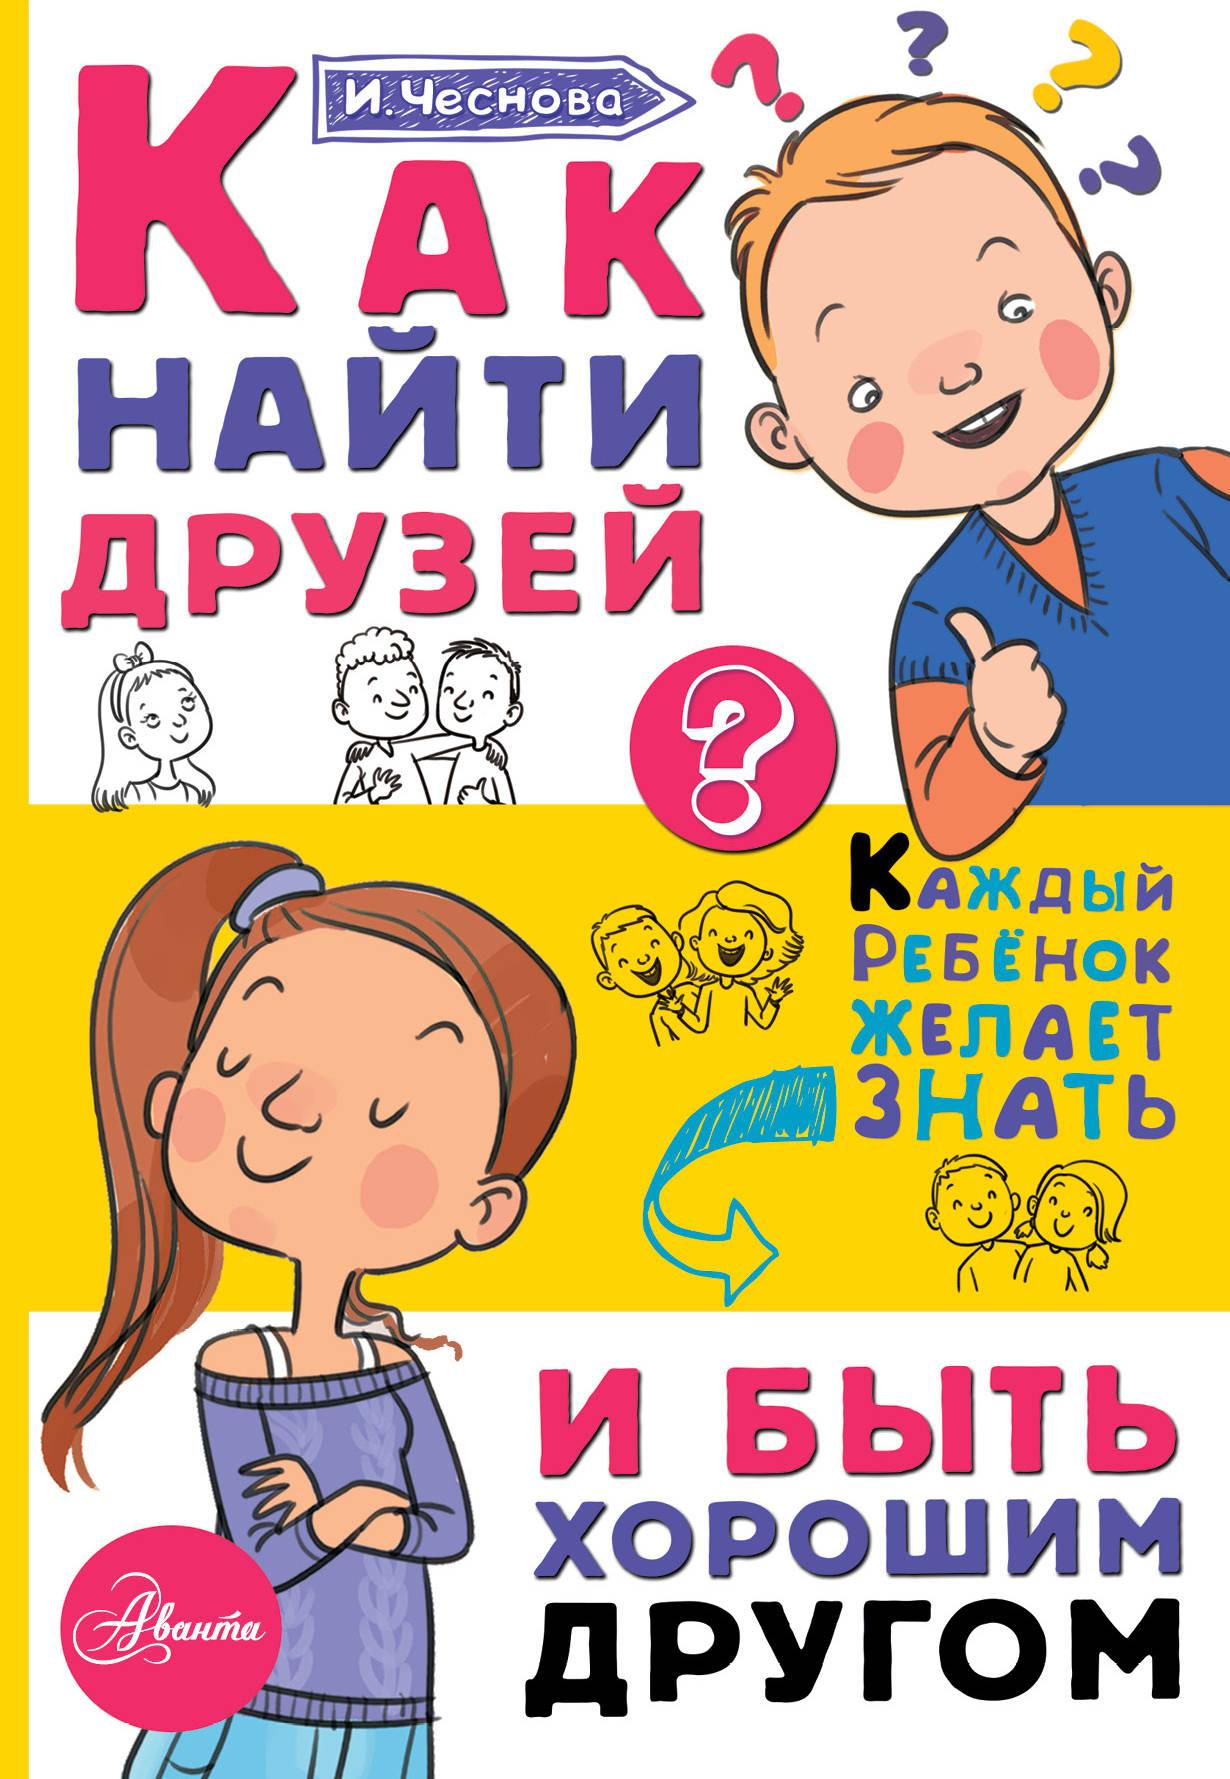 Чеснова Ирина Евгеньевна Как найти друзей и быть хорошим другом албитов а facebook как найти 100000 друзей для вашего бизнеса бесплатно